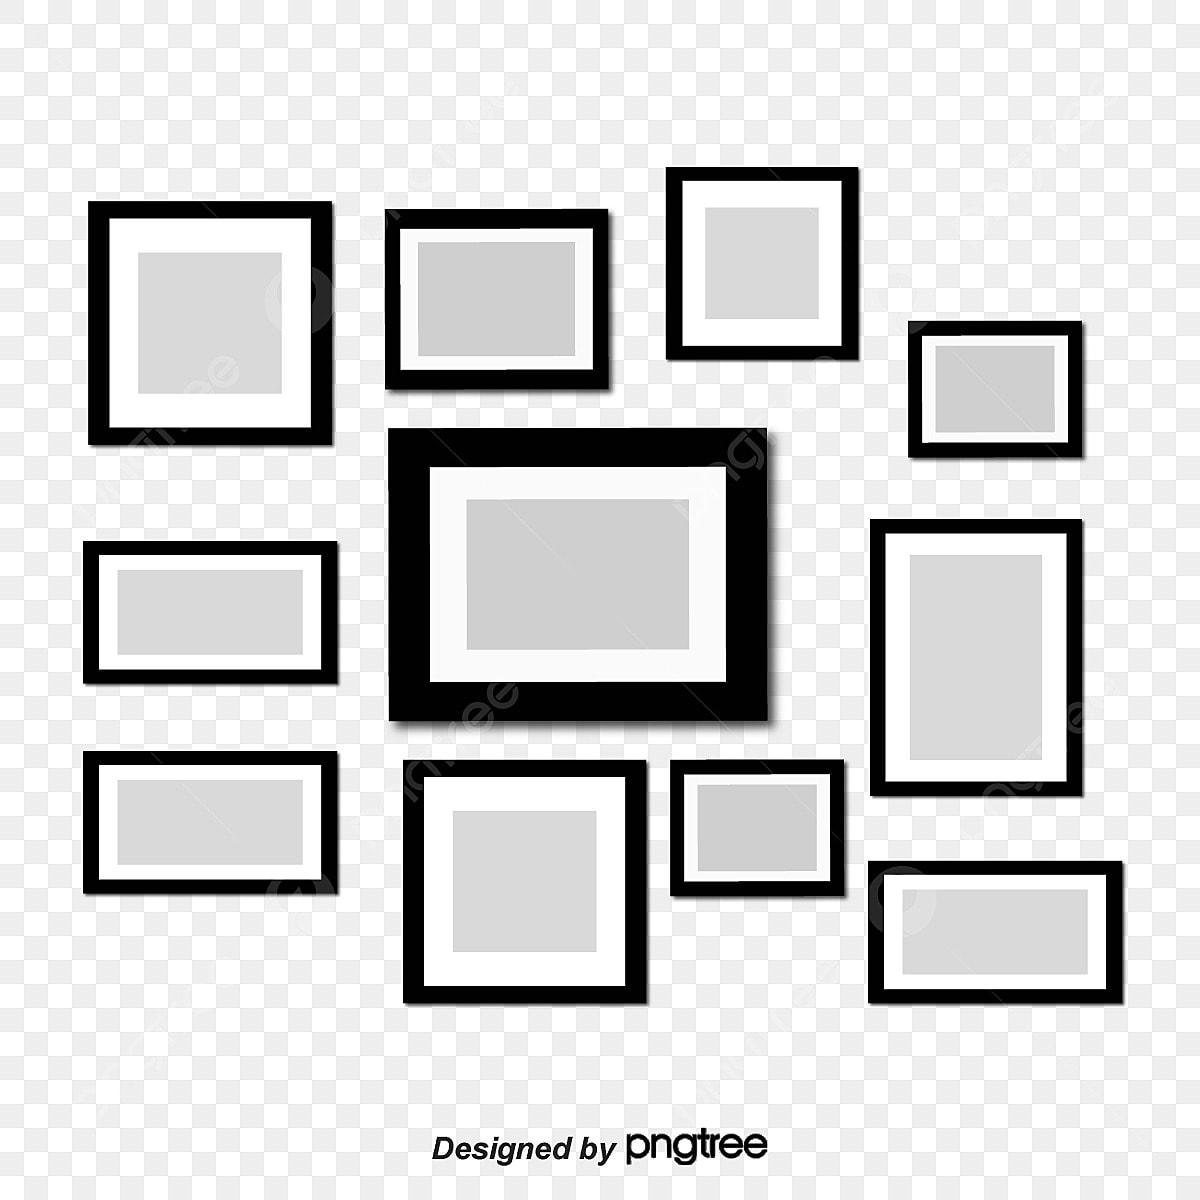 Gambar Dua Belas Susunan Dan Kombinasi Bingkai Foto Sempadan Hitam Photo Clipart Putih Bingkai Foto Png Dan Vektor Untuk Muat Turun Percuma